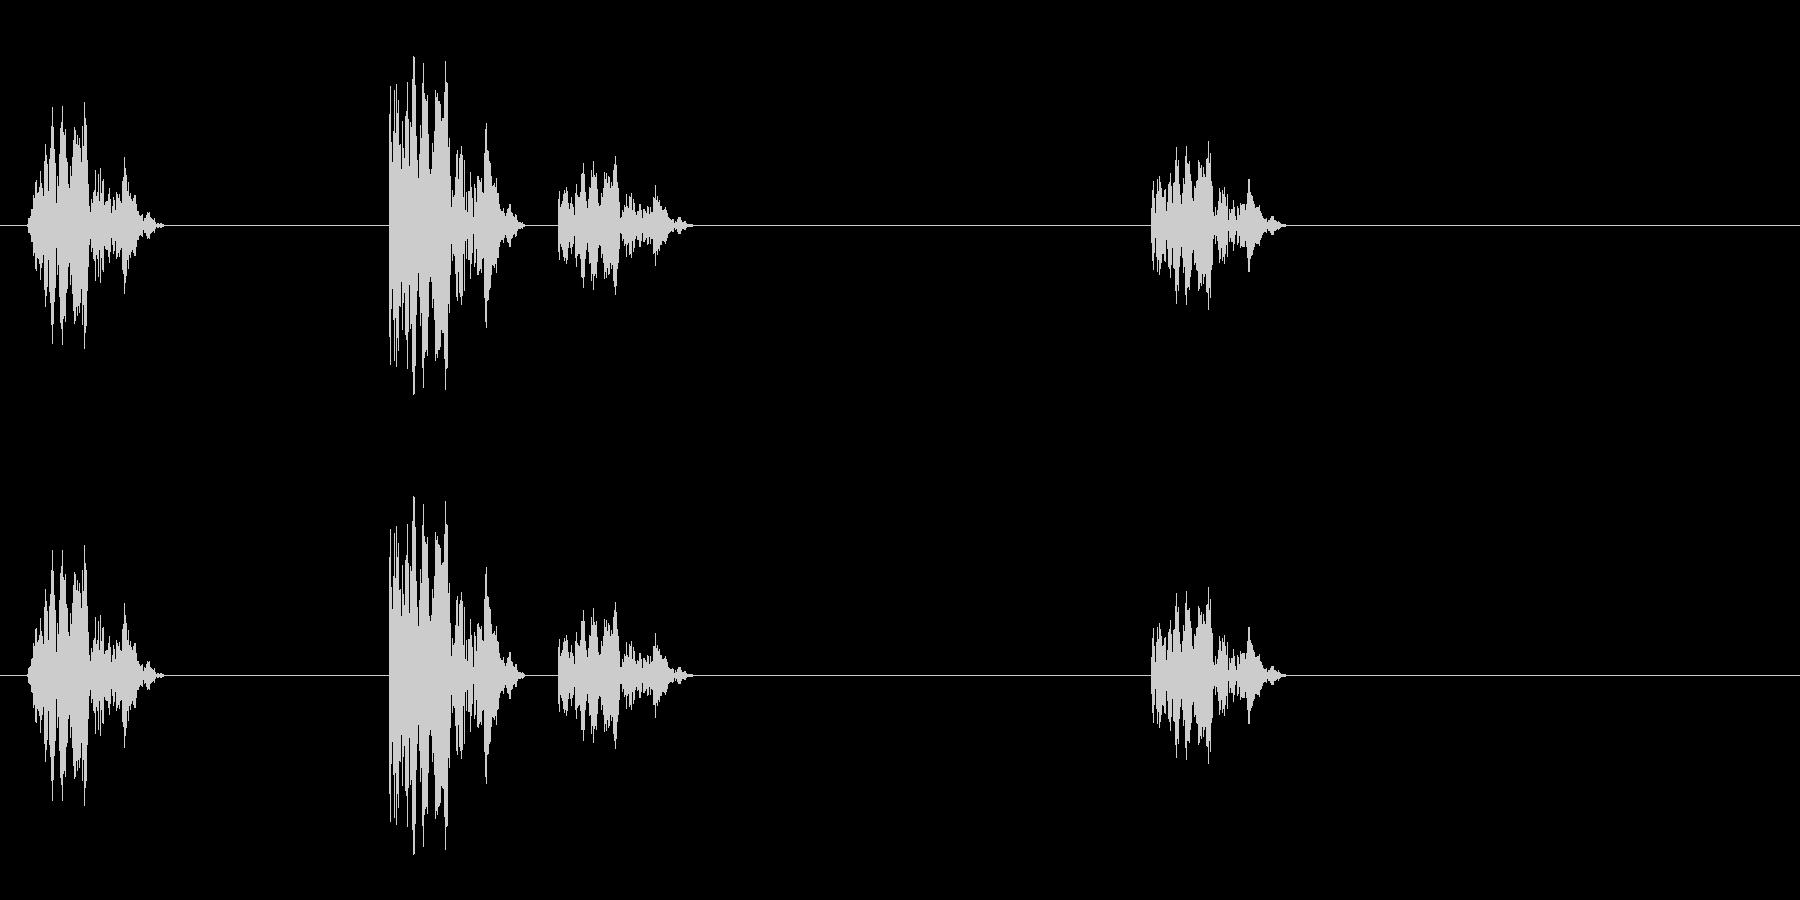 カッカカッカ(シューティング)の未再生の波形